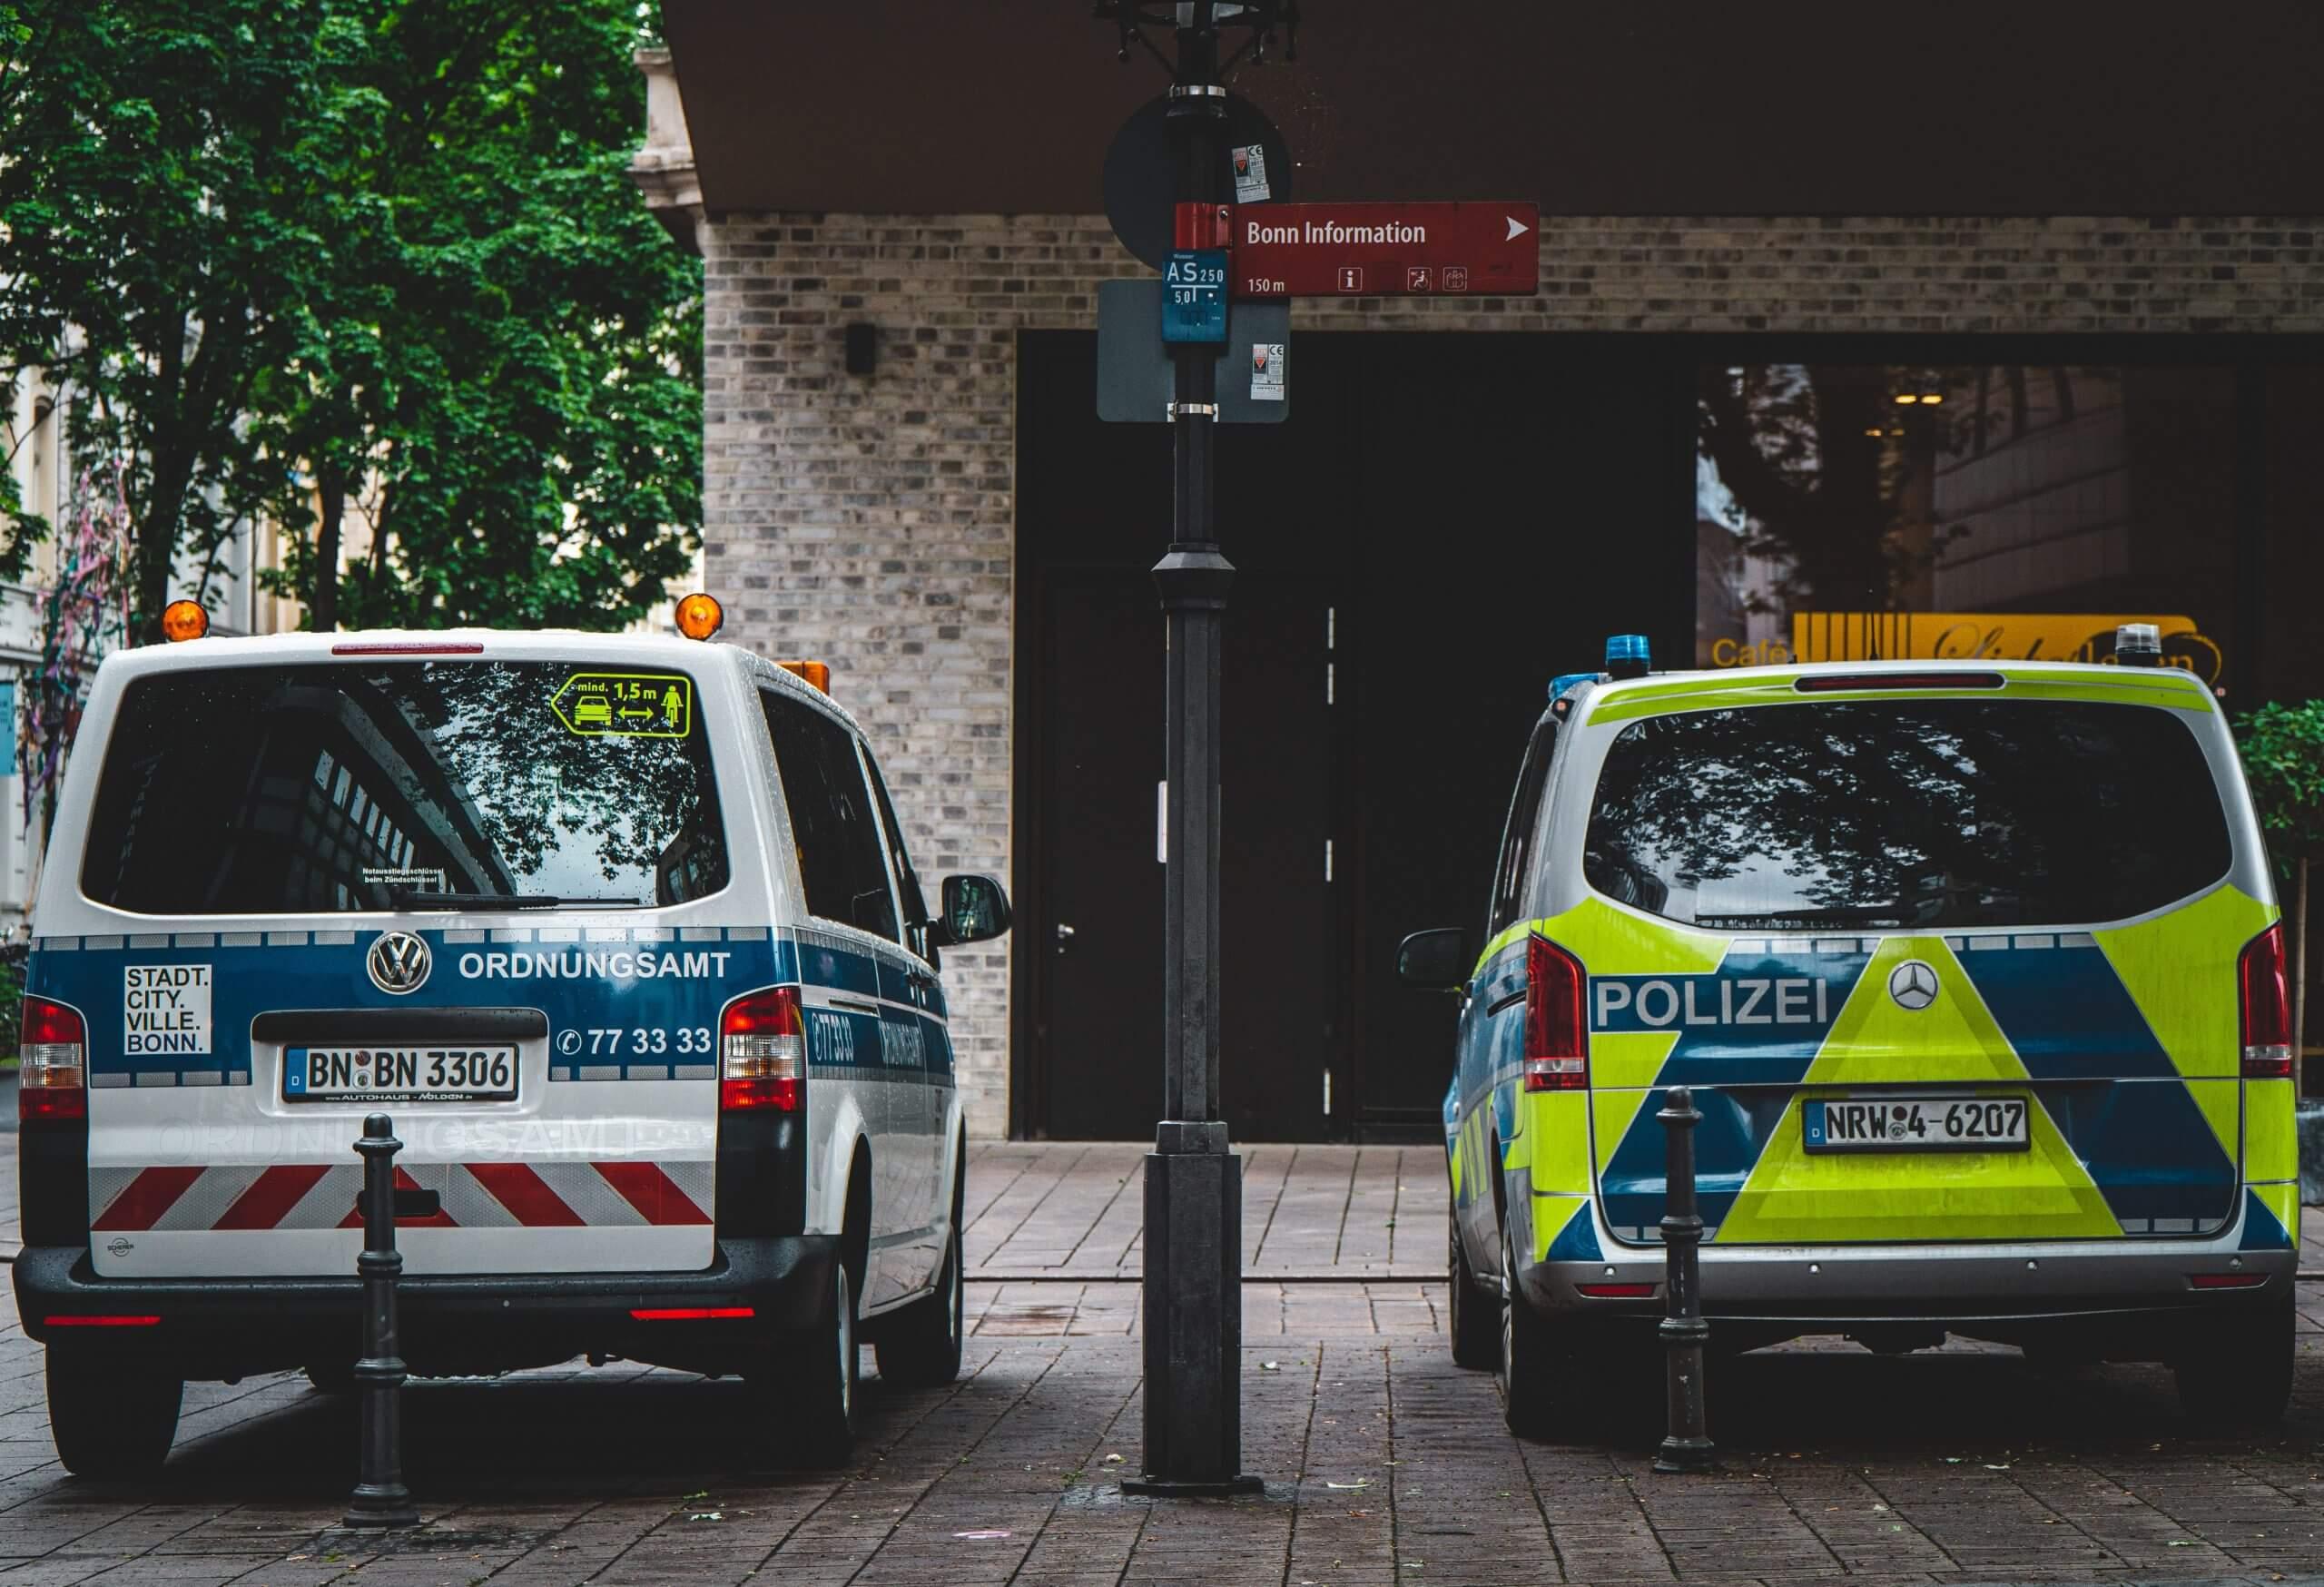 Im Netz verbreitet sich die Falschbehauptung, die Polizei dürfe unter Gebrauch einer Schusswaffe gegen Quarantäne-Verweigerer vorgehen.